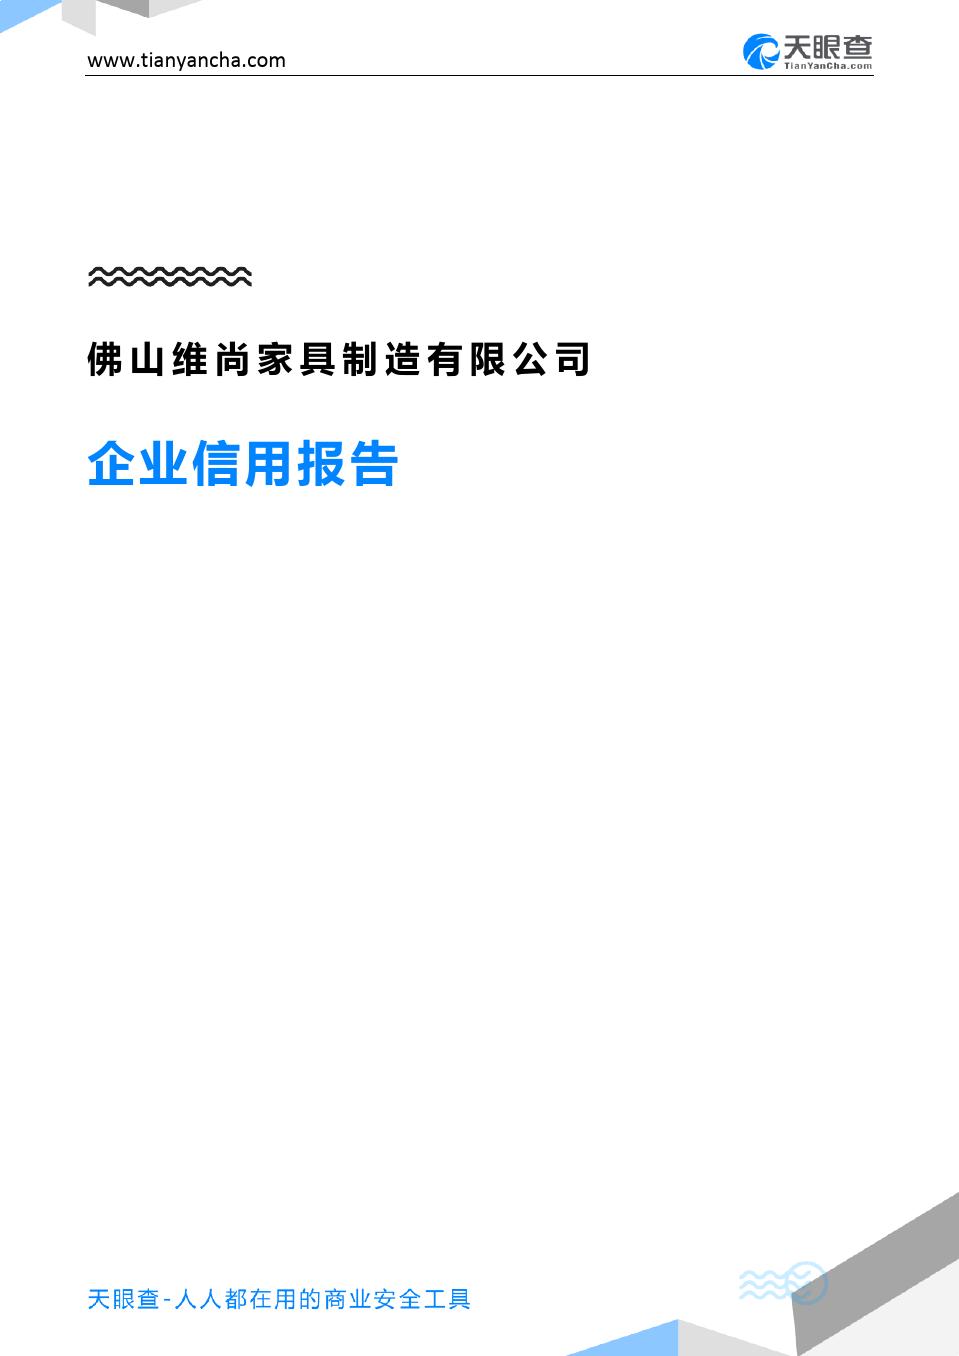 佛山维尚家具制造有限公司(企业信用报告)- 天眼查